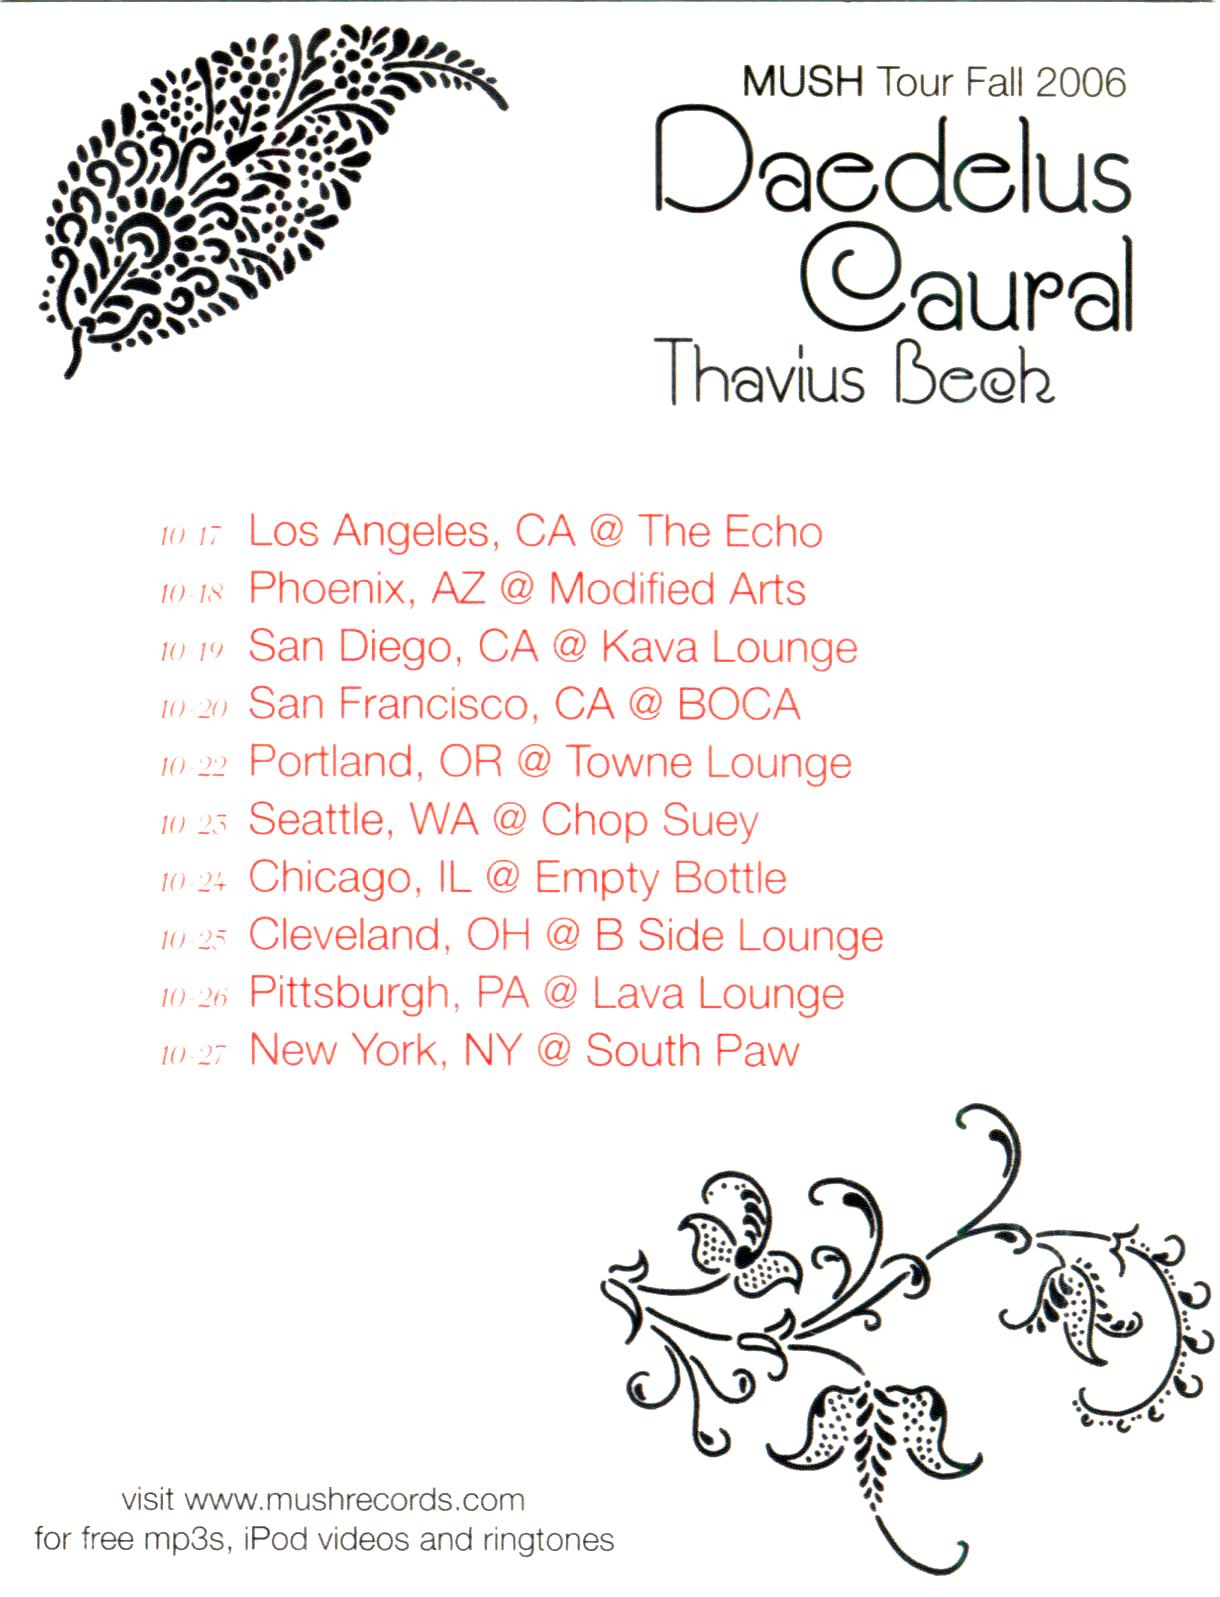 2006 Mush Tour Flyer - Back.jpg